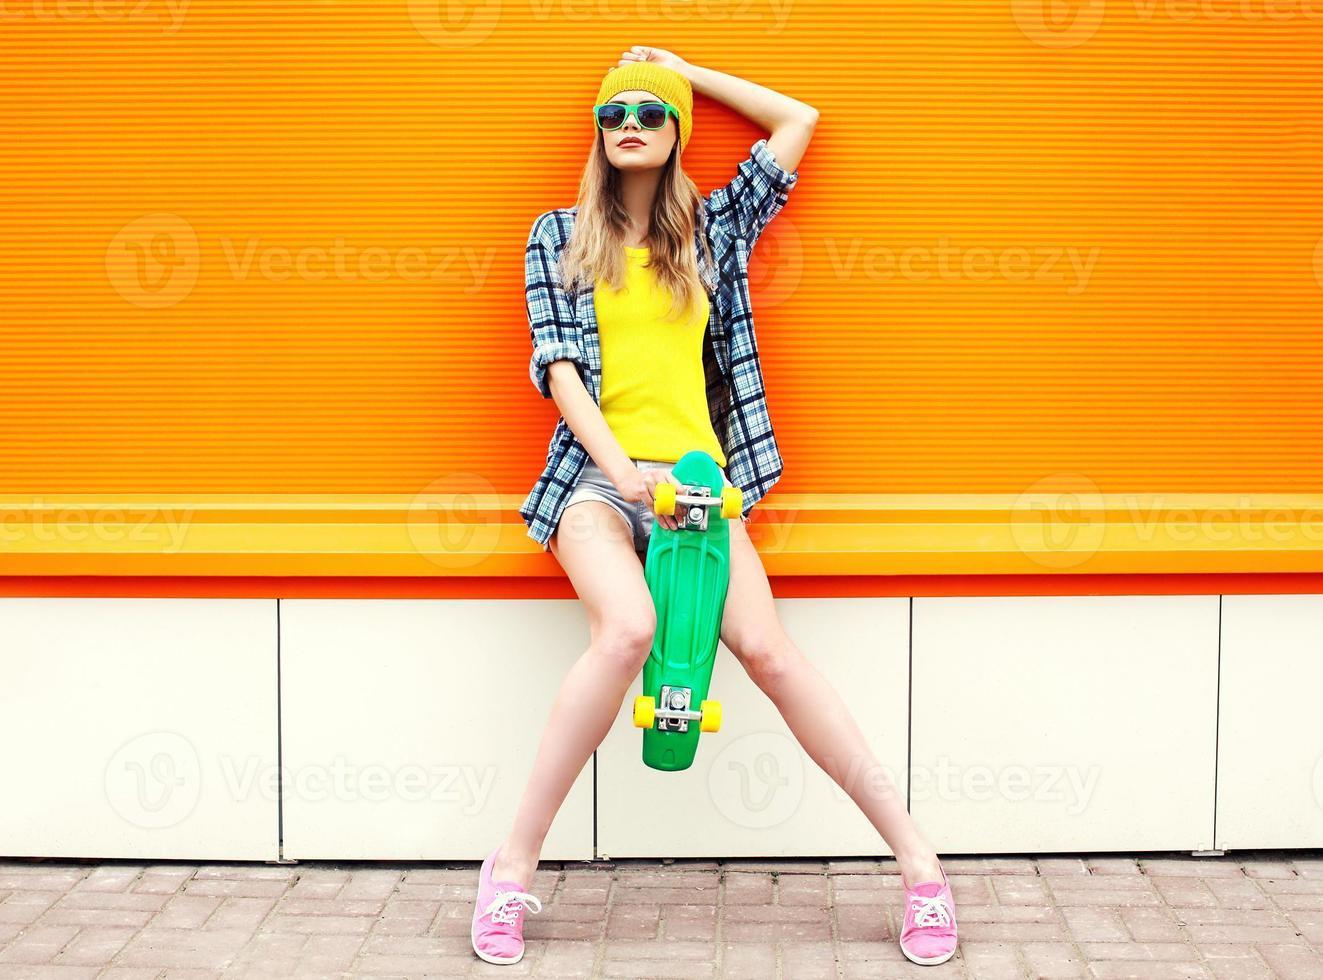 fashion hipster cool girl en lunettes de soleil et vêtements colorés avec photo